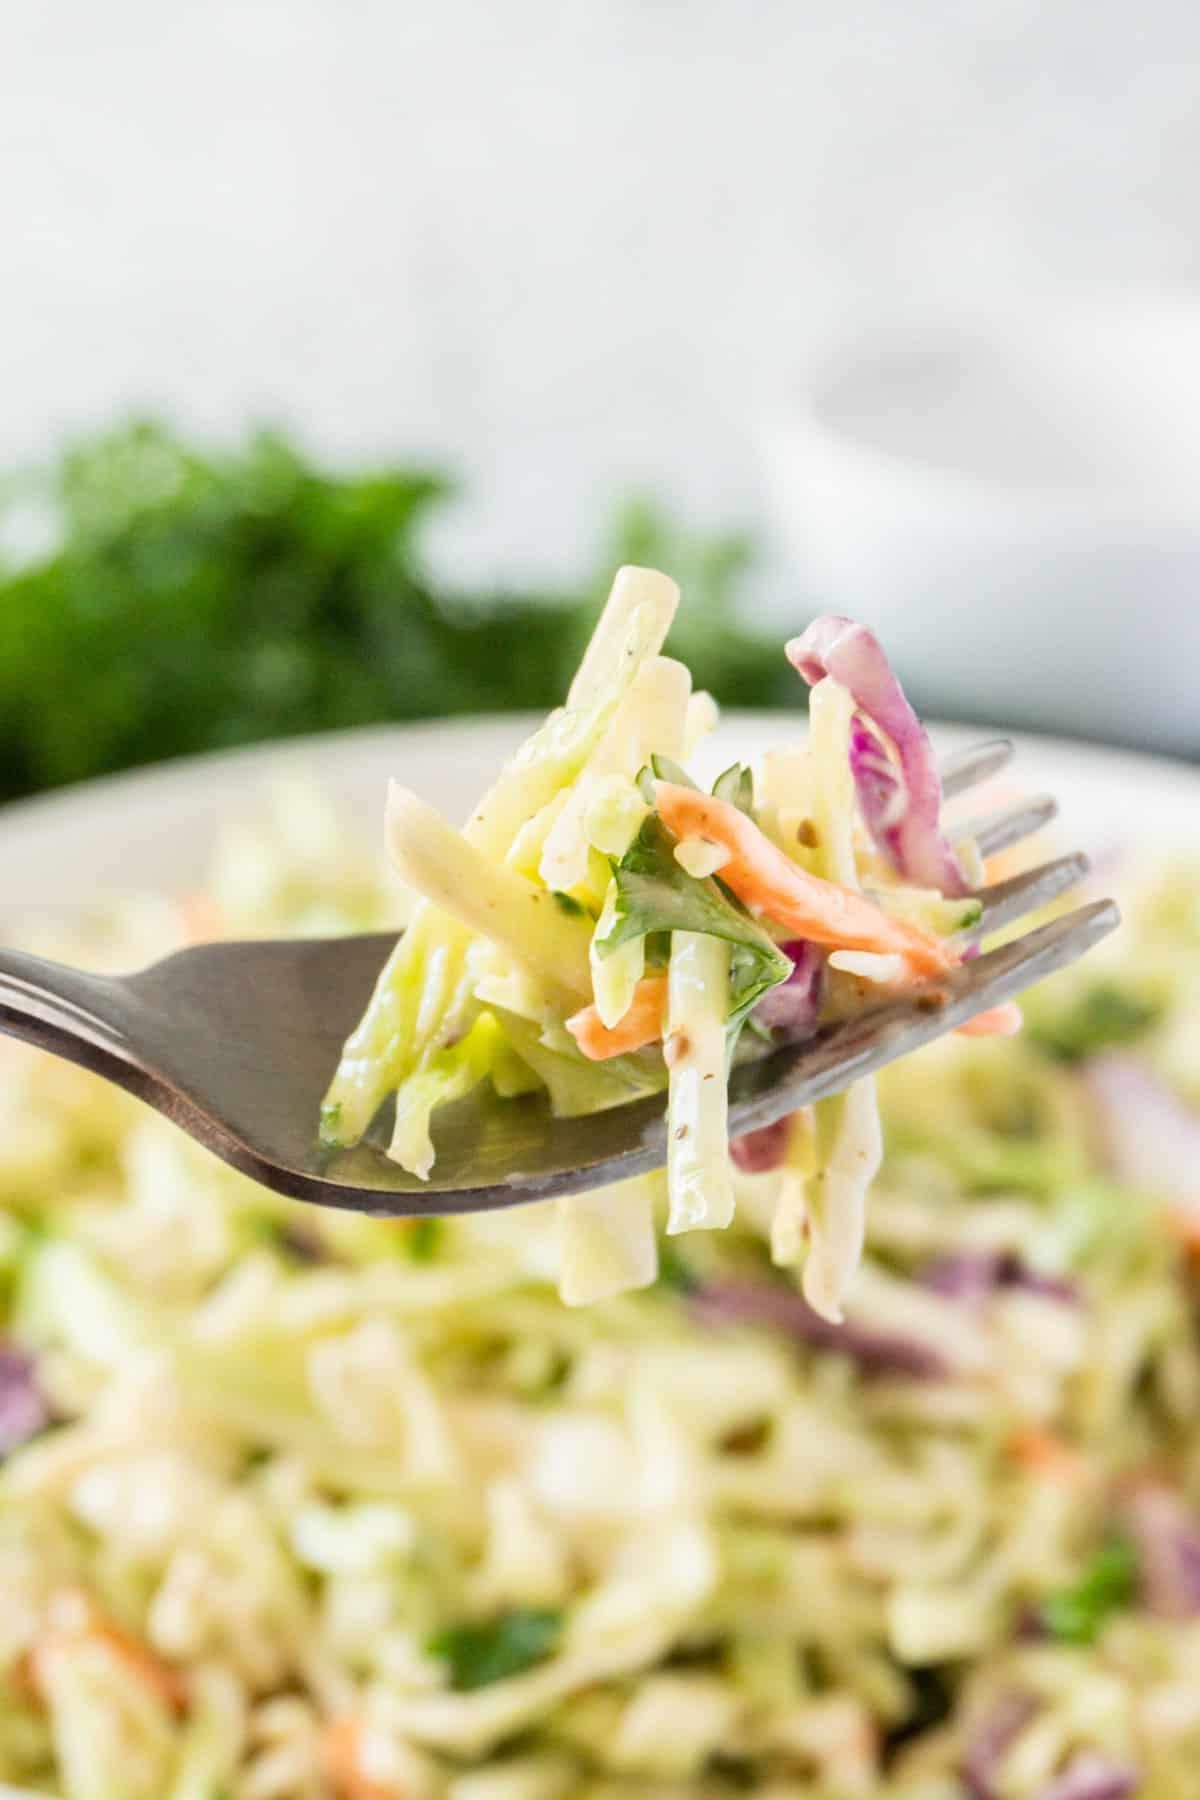 broccoli slaw on a fork